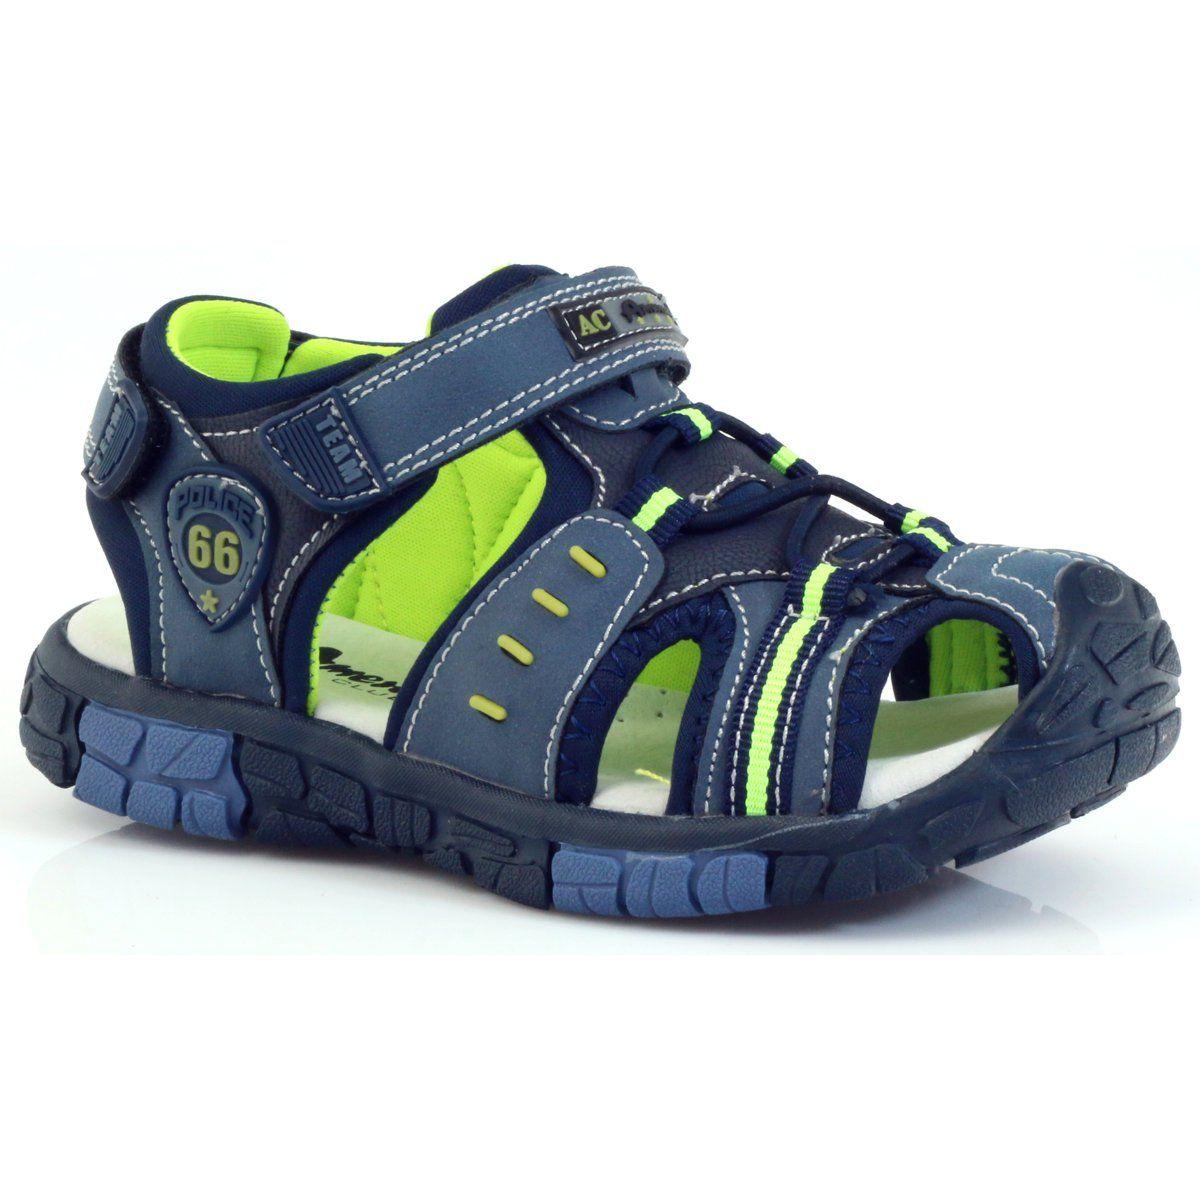 American Club Buty Dzieciece Sandalki Z Wkladka Skorzana American 93607 Granatowe Zielone Pomaranczowe Boys Shoes Boy Fashion Shoes